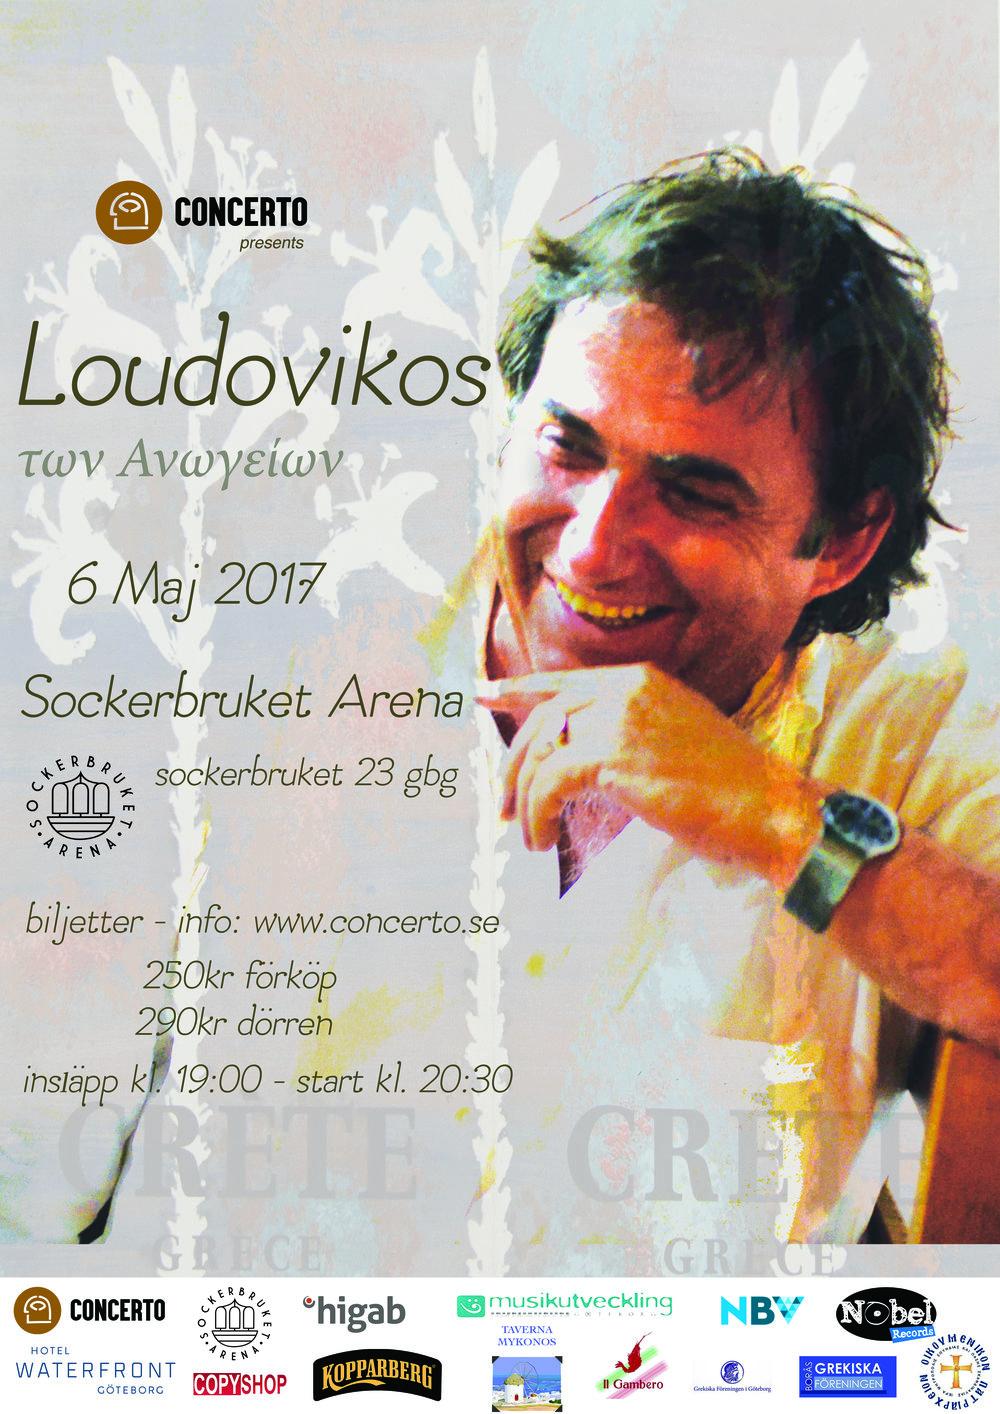 Loudovikos poster jpeg final.jpg